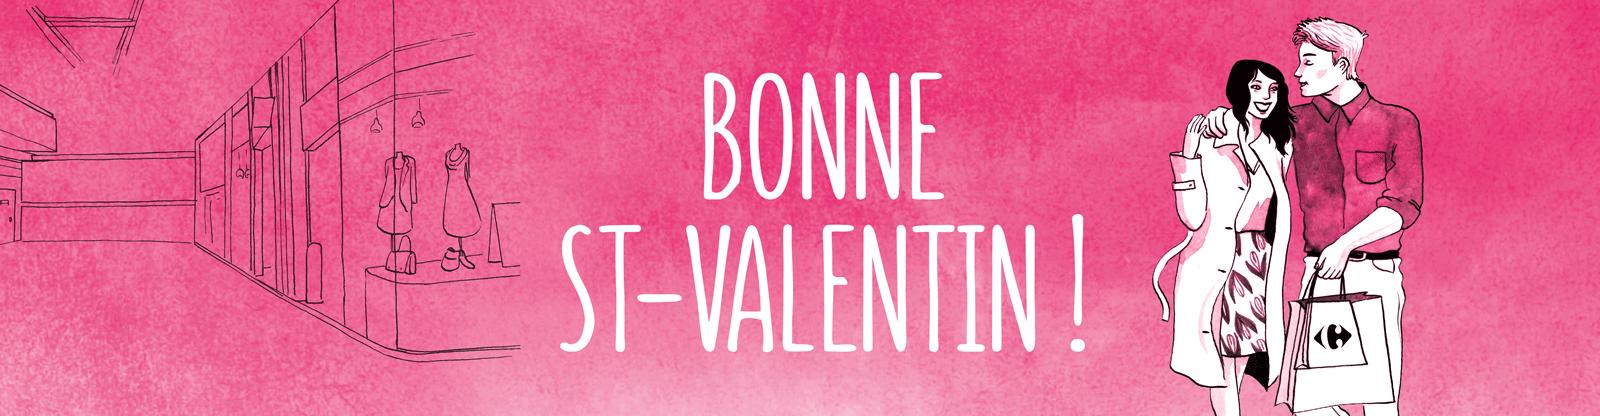 SITE_WEB-1600x416px-Generiques-St-Valentin